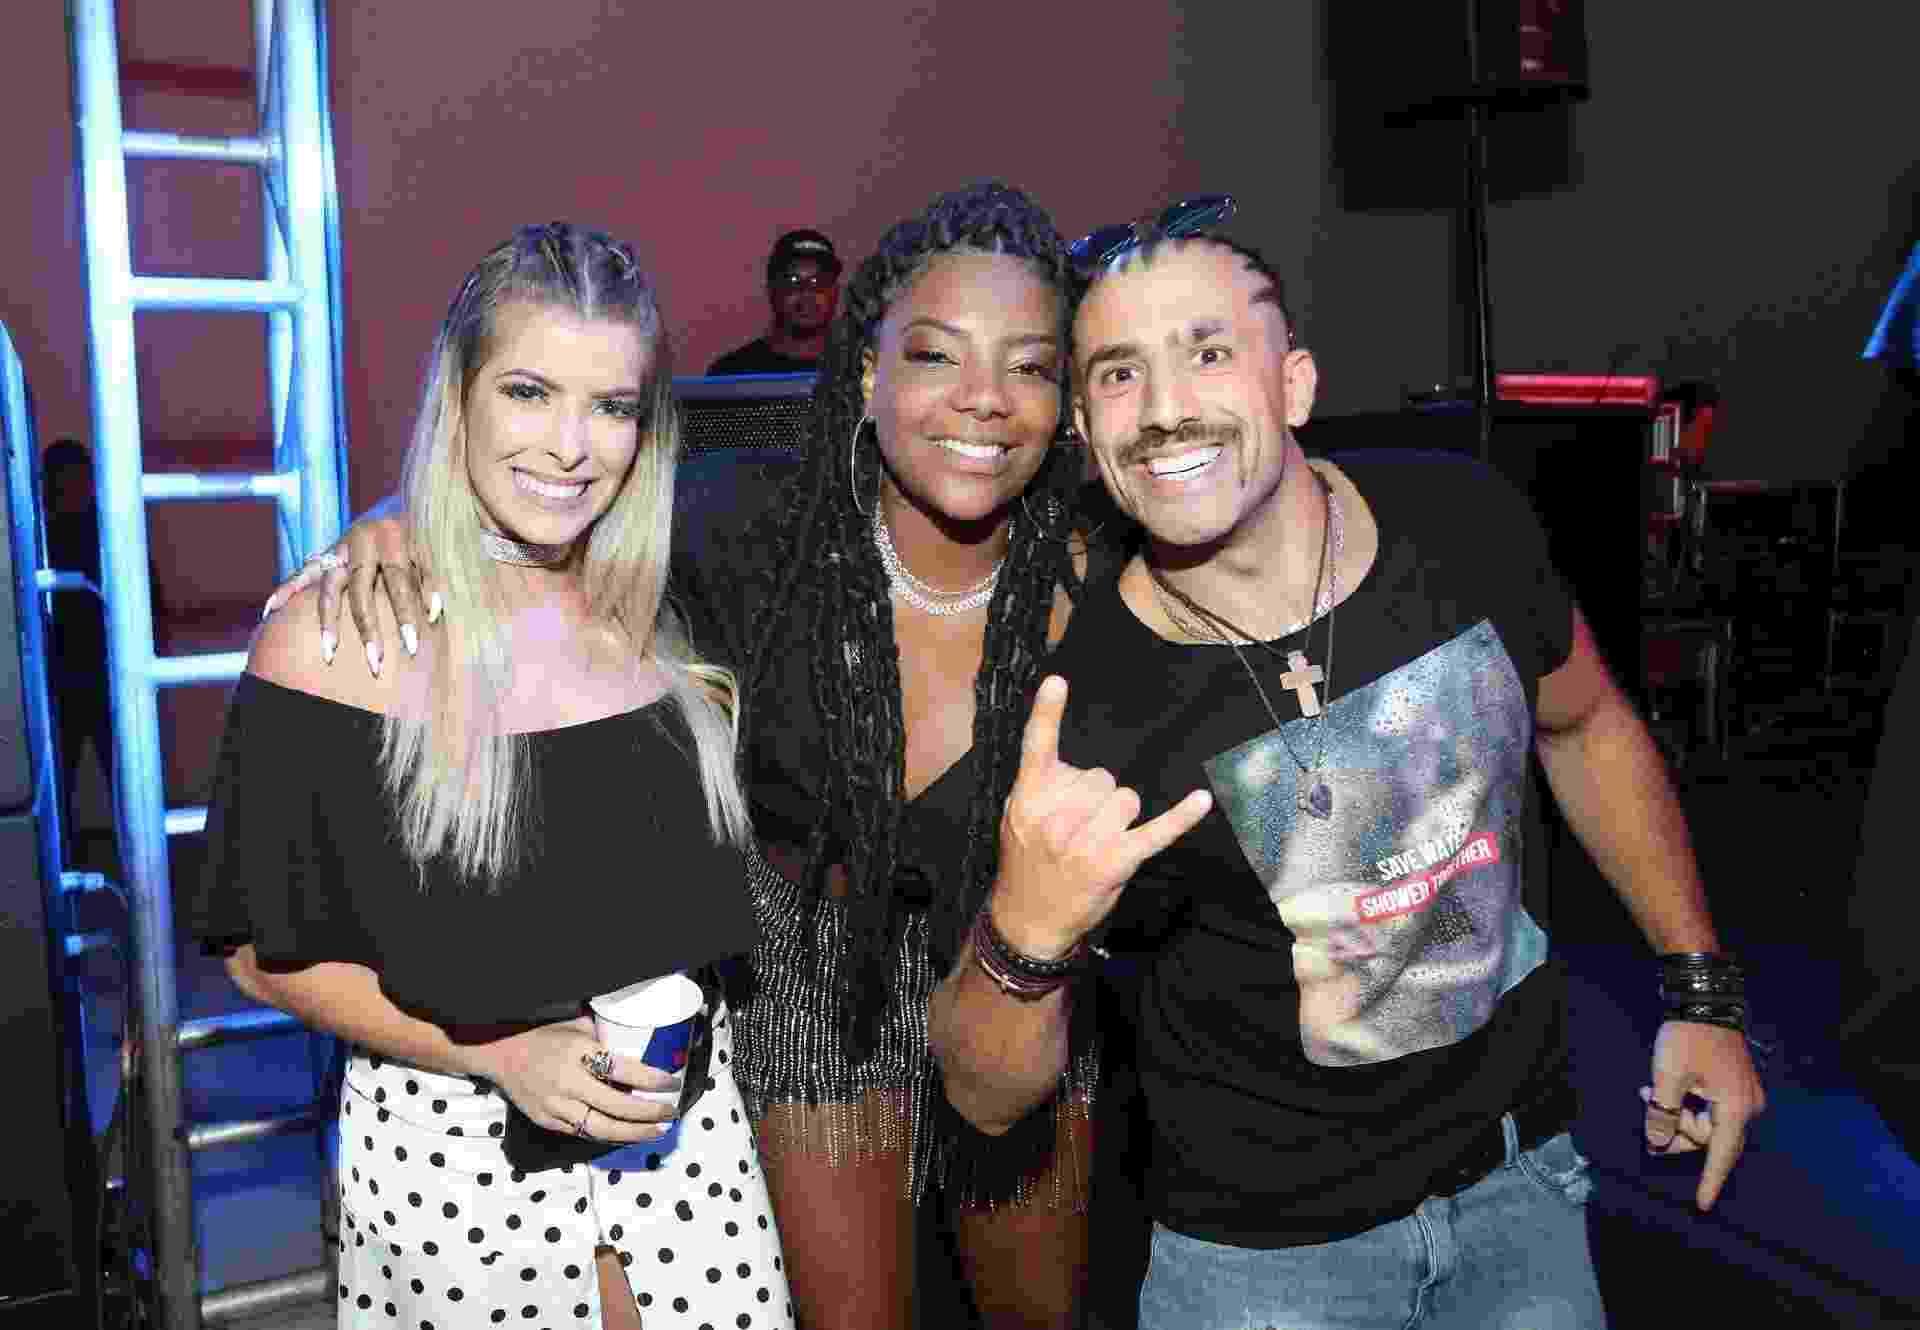 Kaysar e Jaqueline posam ao lado de Ludmilla em festa - Reginaldo Teixeira/ CS Eventos /Divulgação